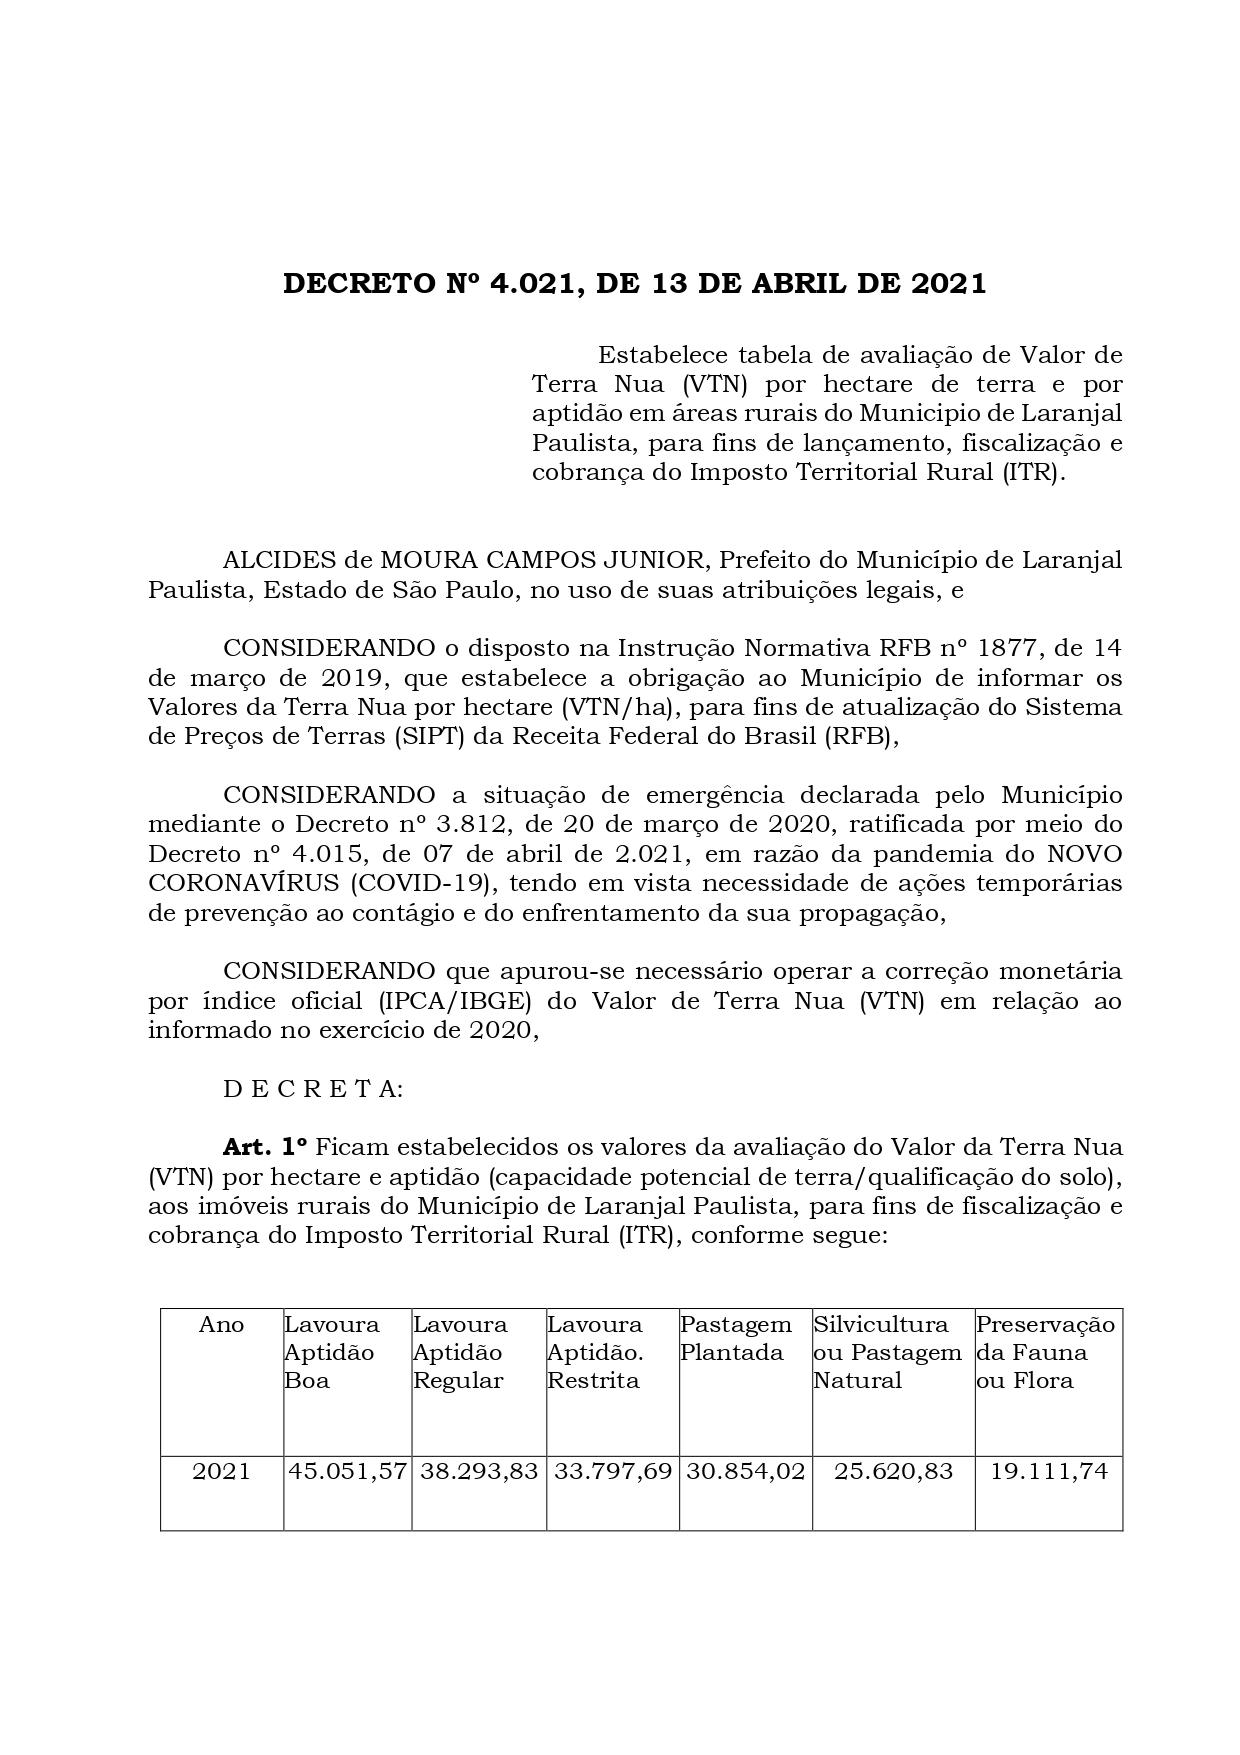 INFORMATIVO DA SECRETARIA DE AGRICULTURA, ABASTECIMENTO E MEIO AMBIENTE - ITR 2021